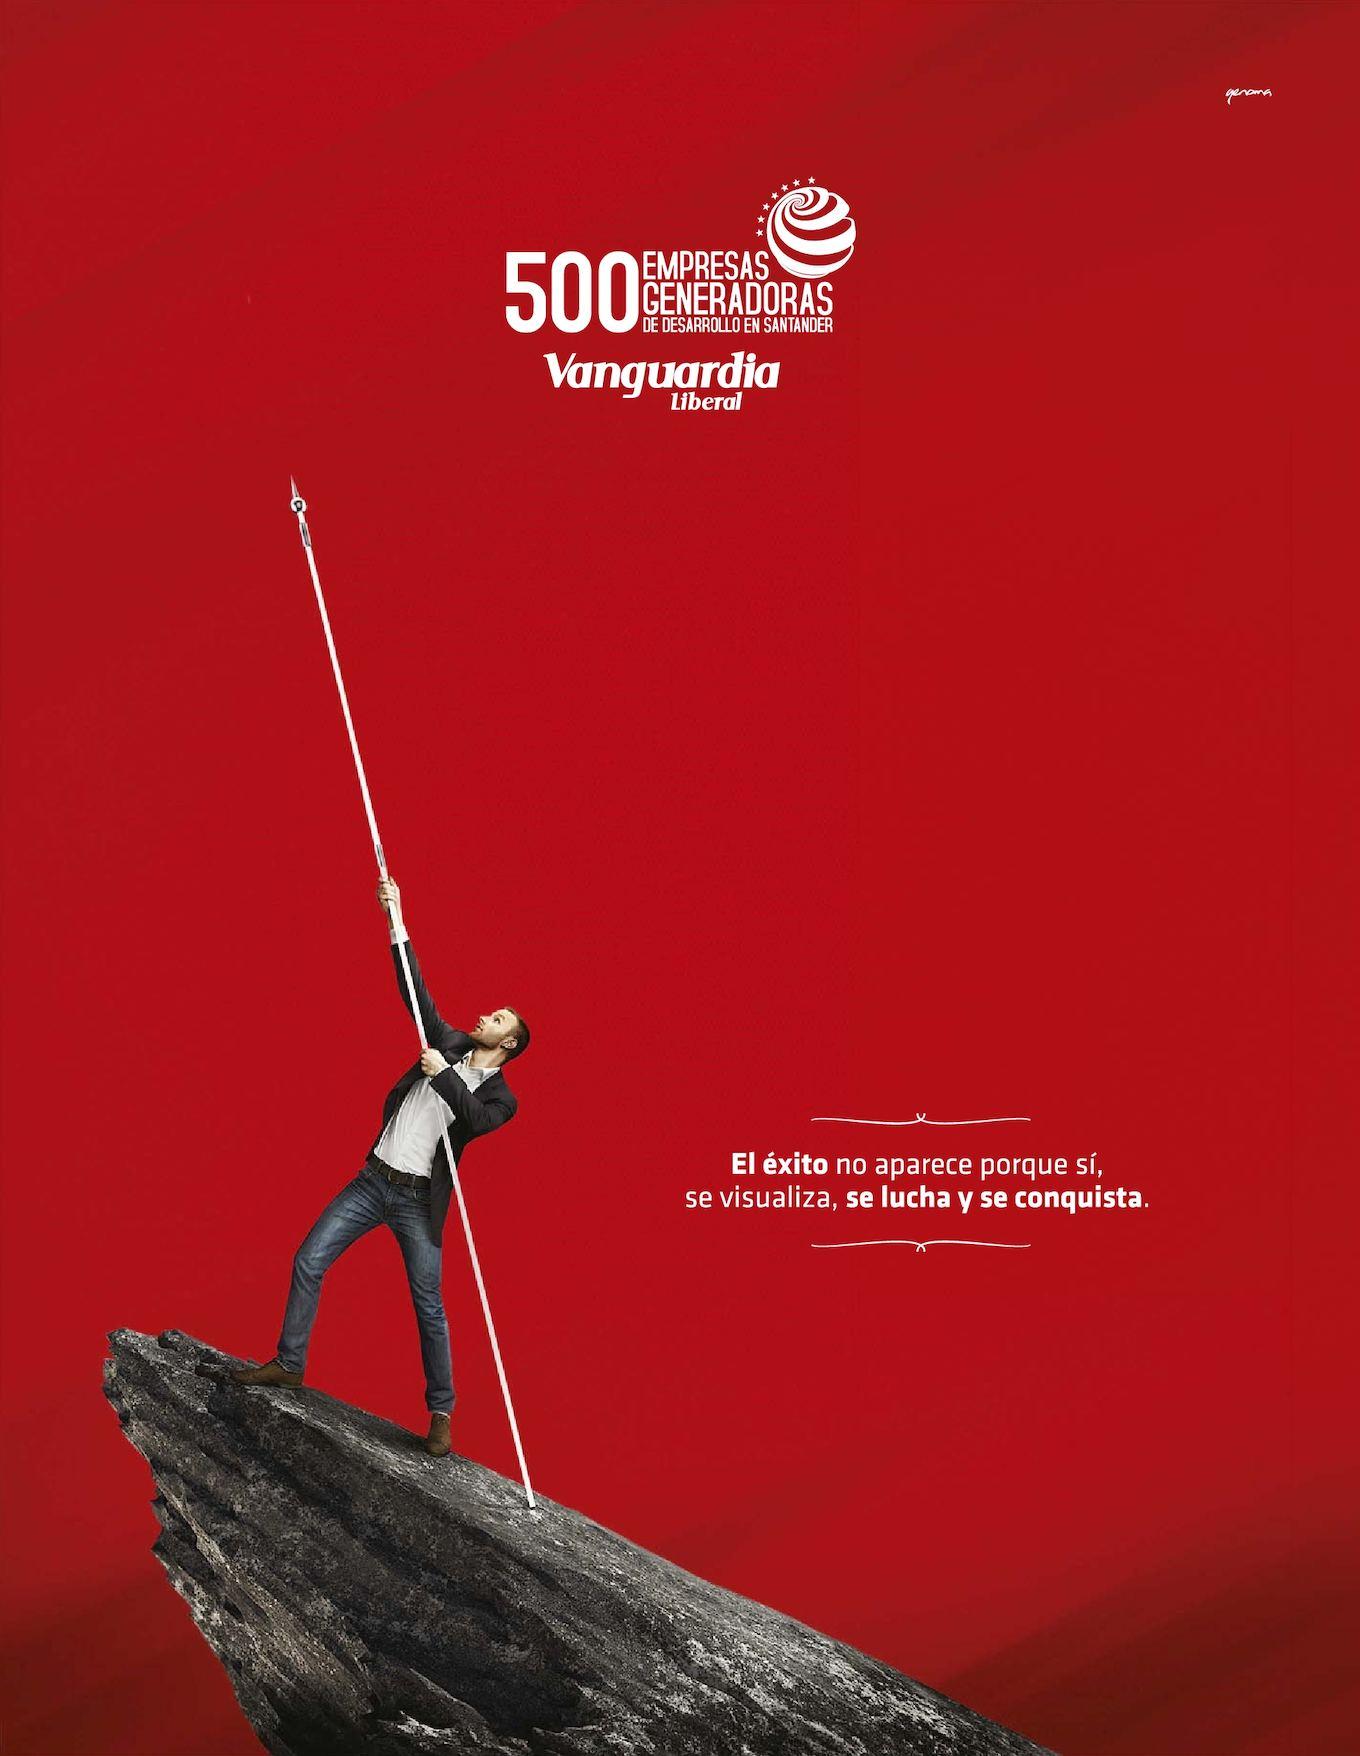 c8724068aa04 Calaméo - 500 empresas generadoras de desarrollo en Santander - 2016